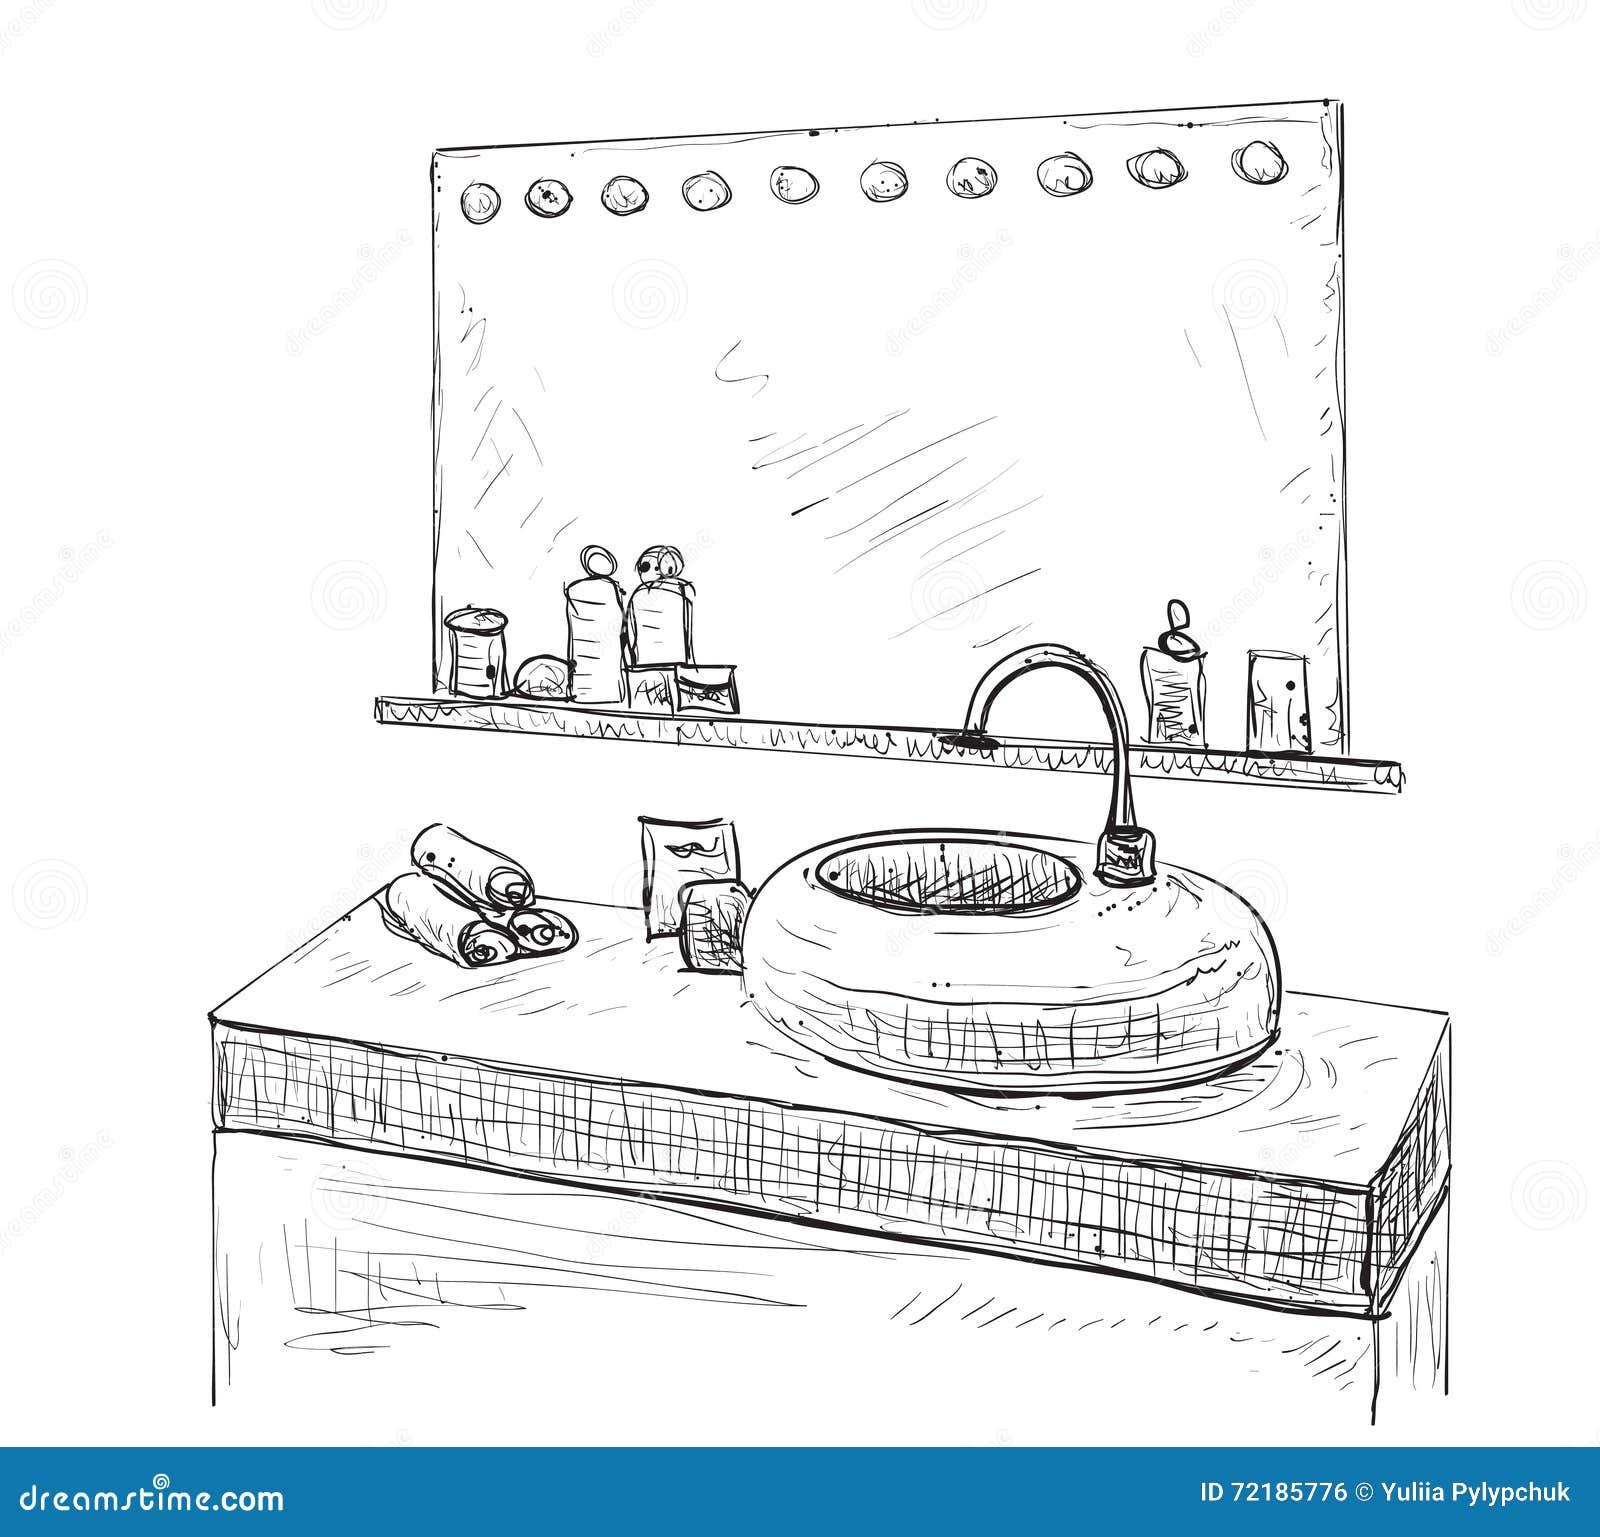 hand mirror sketch. Bathroom Interior Sketch. Washbasin And Mirror. Hand Mirror Sketch